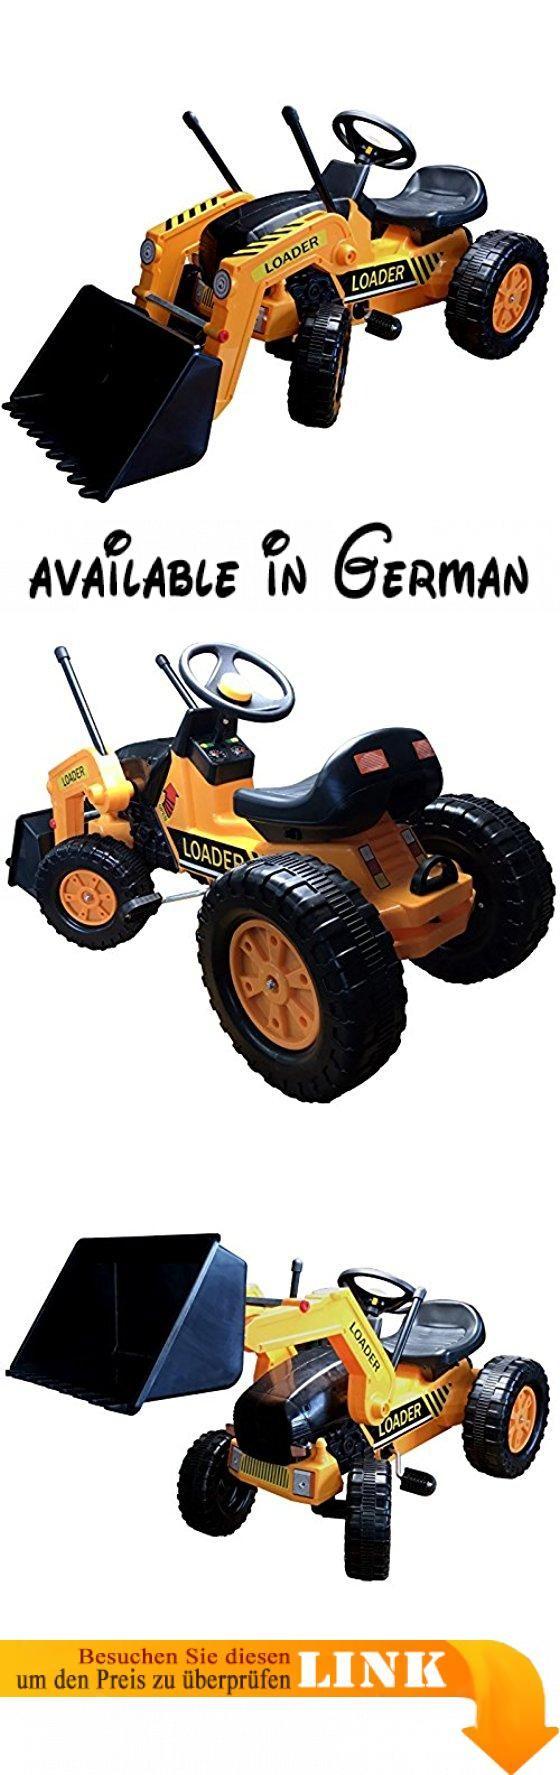 Kinder Trettraktor Kindertraktor Frontlader Loader Traktor Trekker Kinder Trettraktor Pedaltraktor (Profi mit Frontlader). Kindertraktor im coolen orange. für Jungen und Mädchen. wahlweise als Profi oder Profi mit Frontlader. mit Anhängerkupplung #Toy #TOYS_AND_GAMES